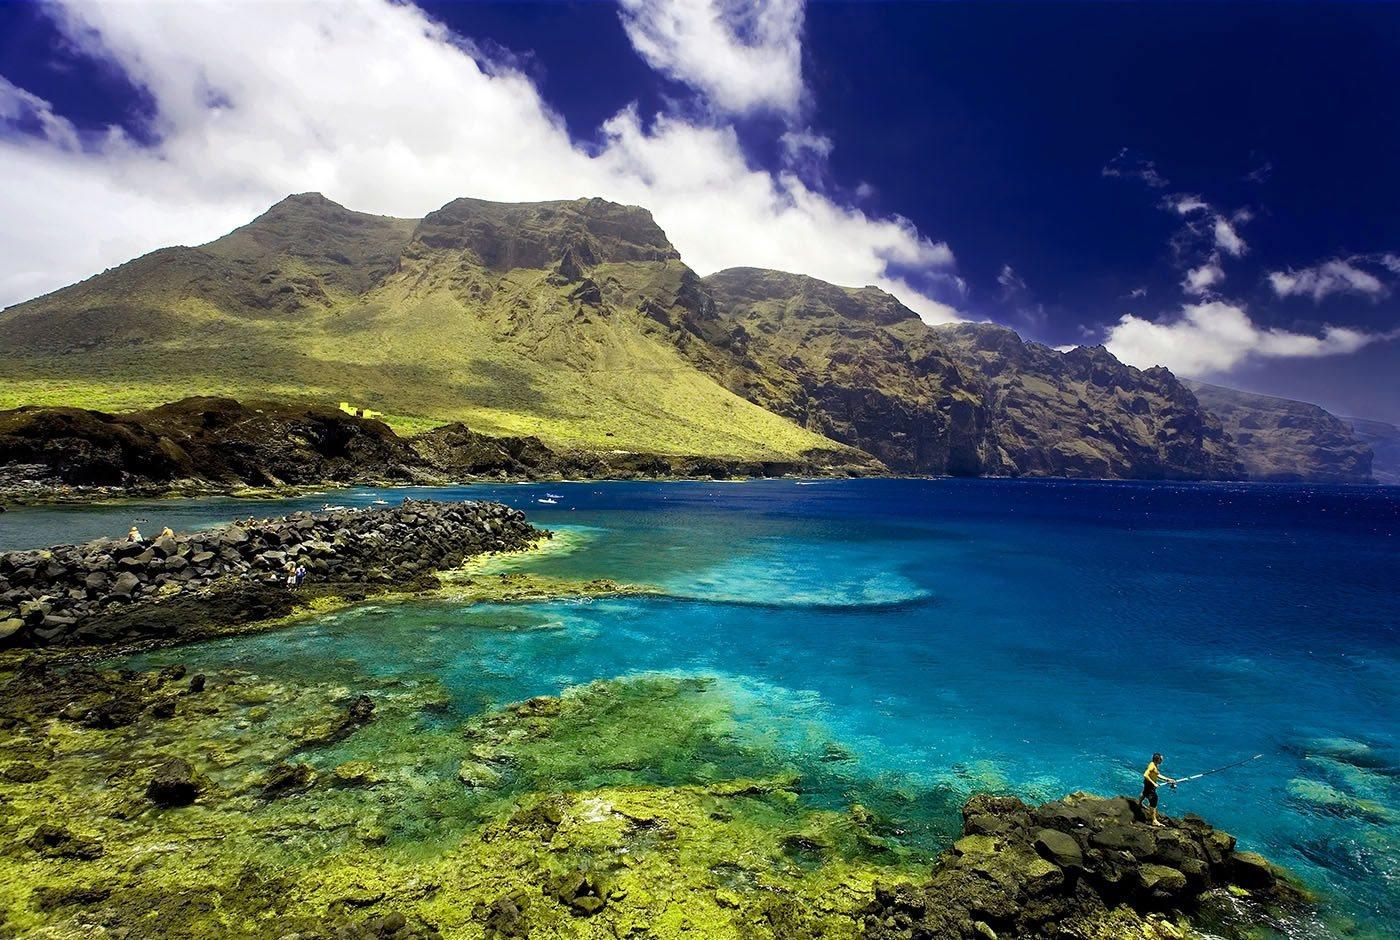 Le migliori guide per le vostre vacanze alle Tenerife